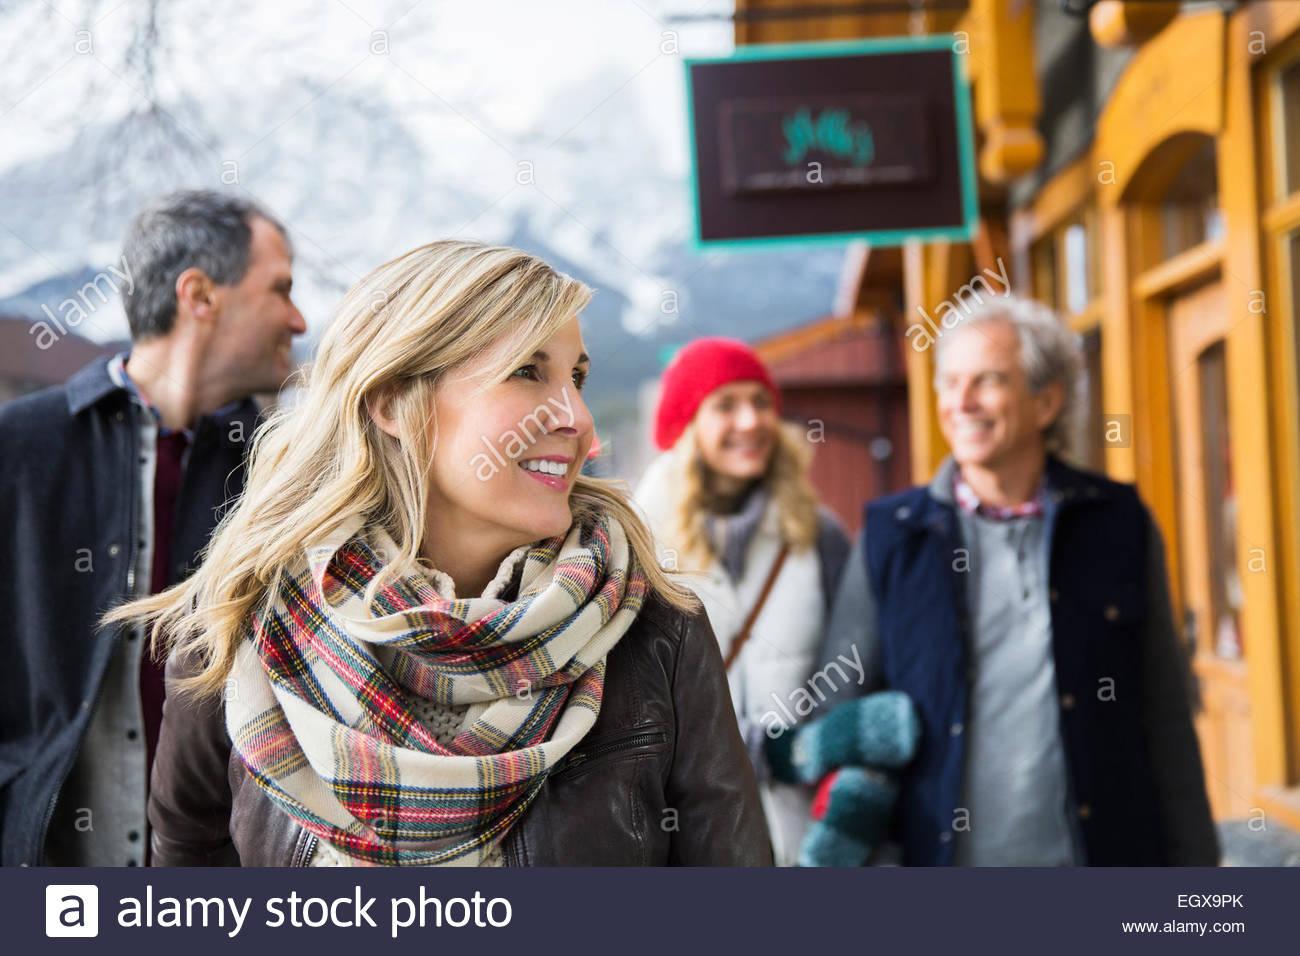 Coppie sorridente camminando lungo vetrine del negozio Immagini Stock